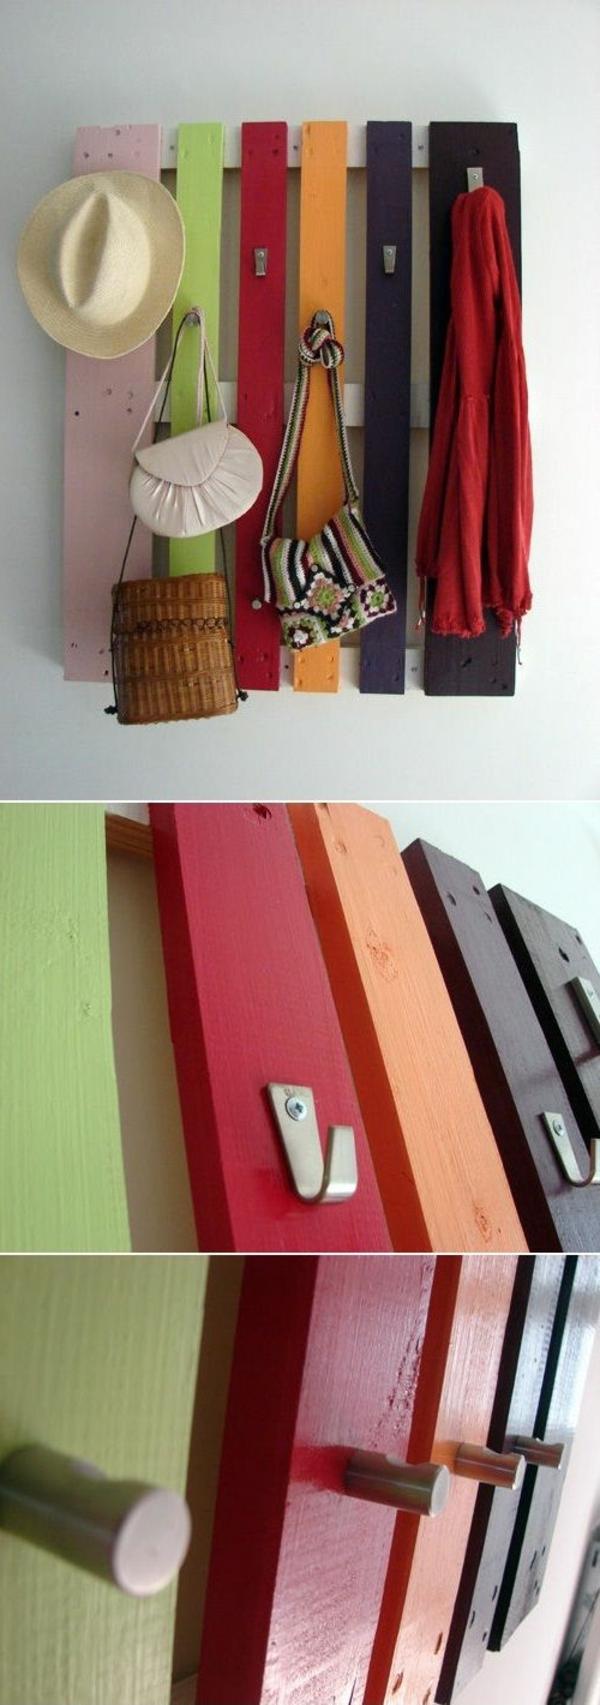 wandhaken-in-verschiedenen-farben-aus-holzpaletten